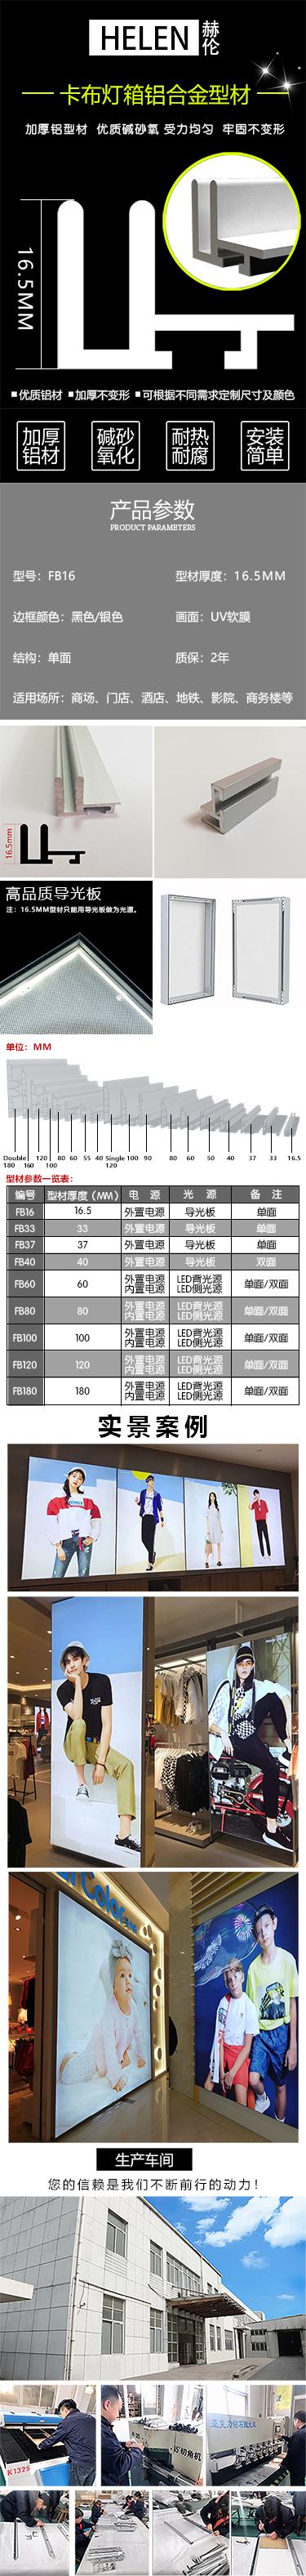 16.5中文